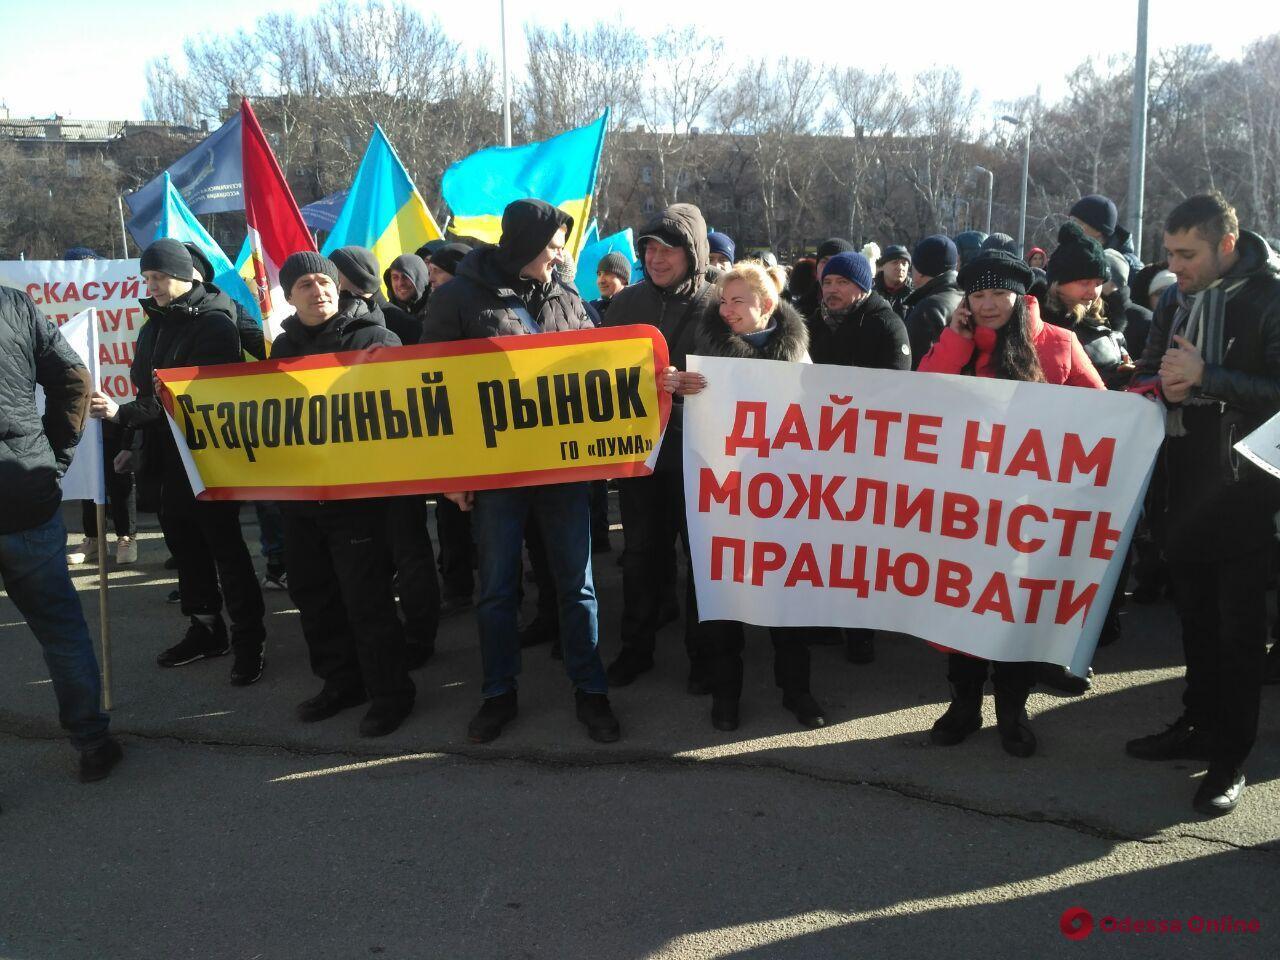 В Одессе предприниматели митинговали против кассовых аппаратов (фото)